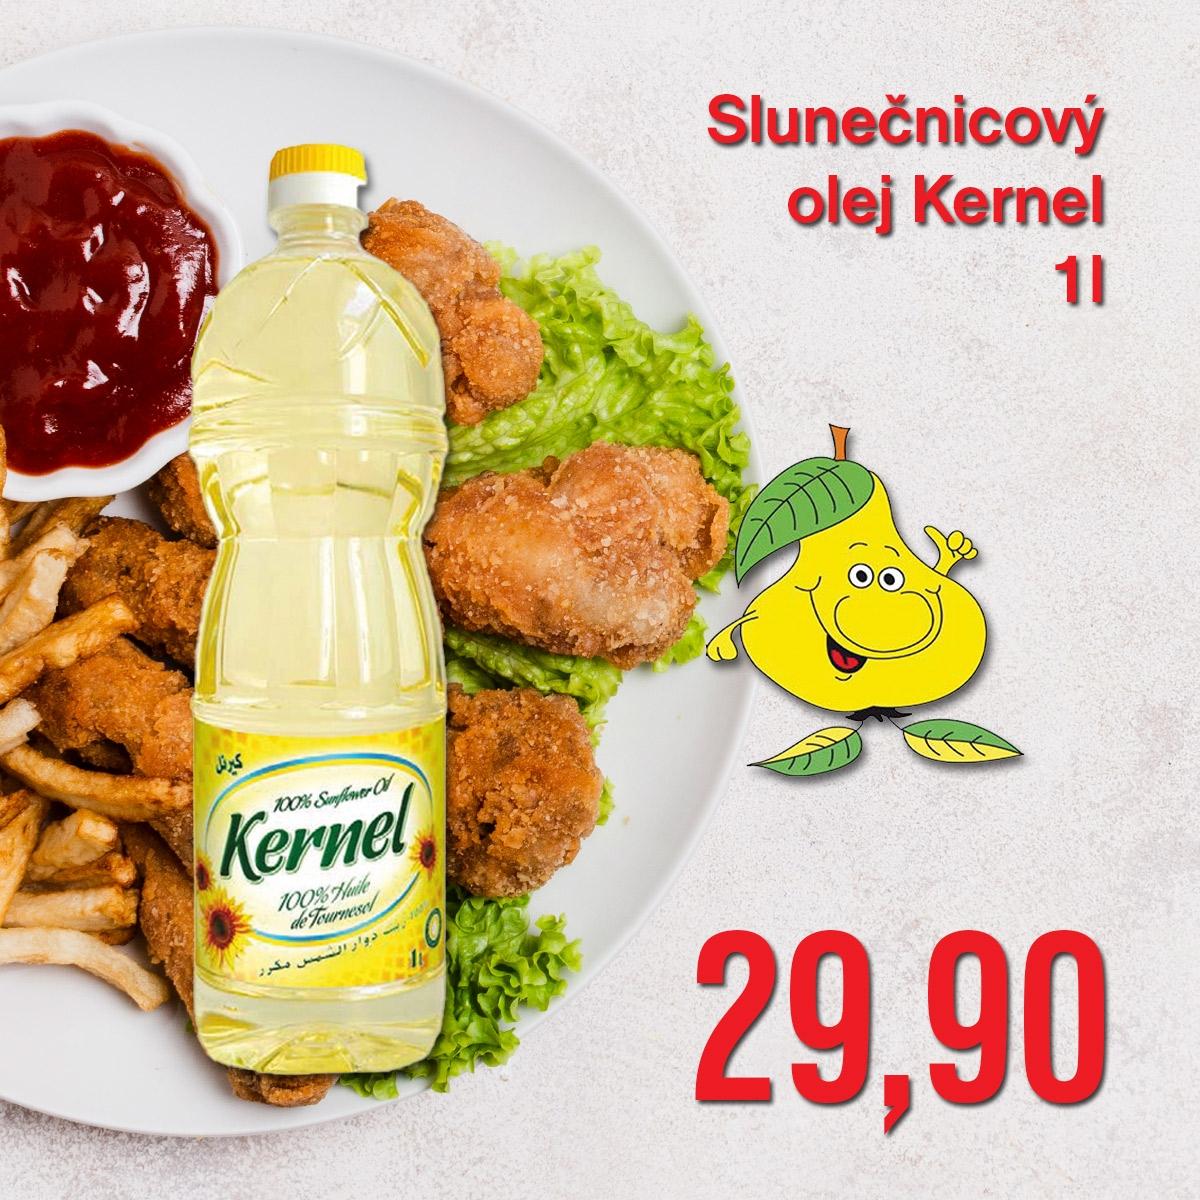 Slunečnicový olej Kernel 1 l